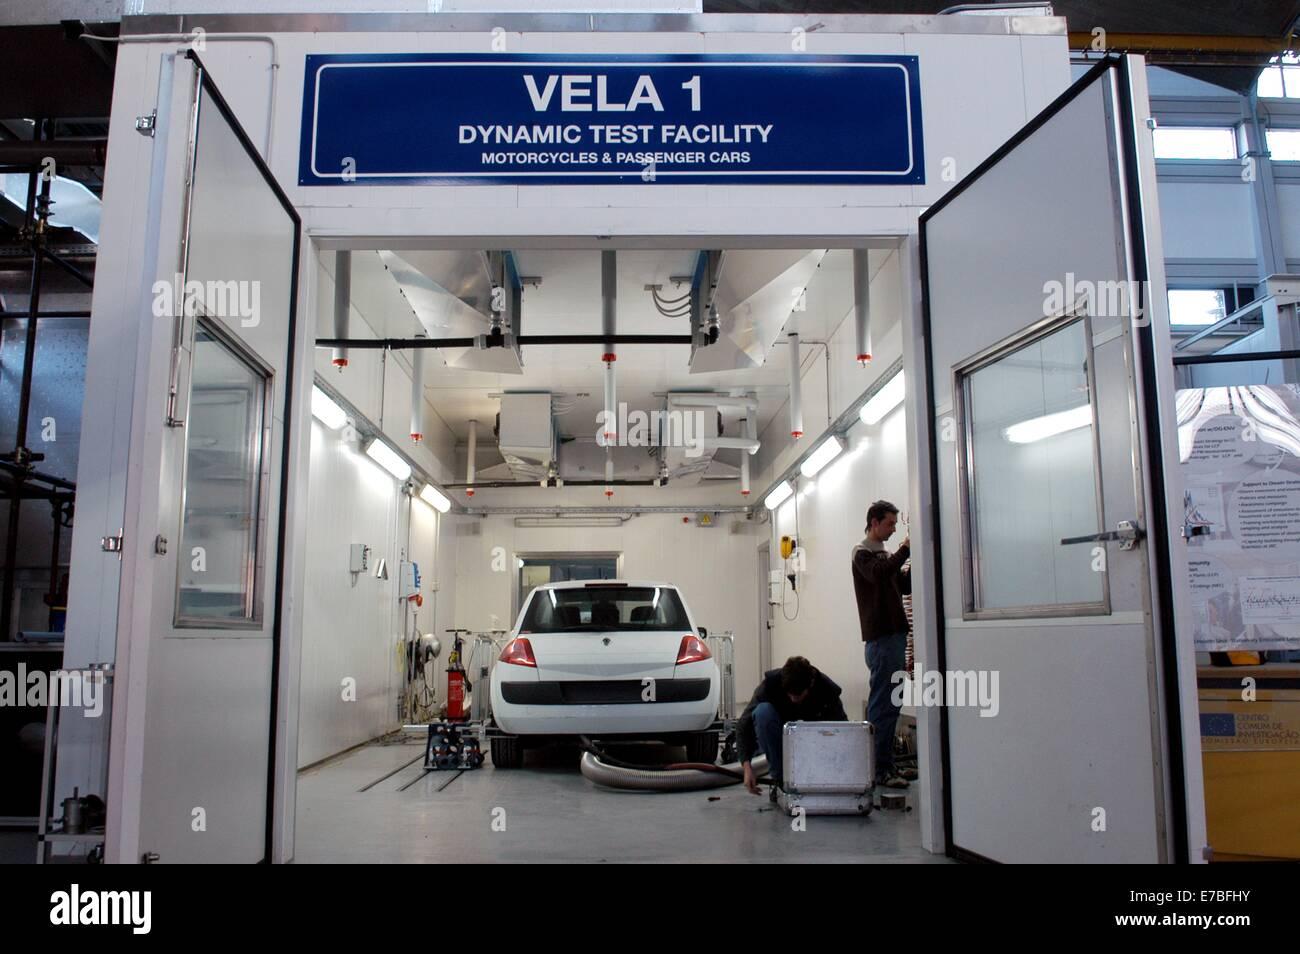 Ispra italy vela laboratory vehicle emissions laboratory for ispra italy vela laboratory vehicle emissions laboratory for certification of parameters of motor vehicles emissions xflitez Images